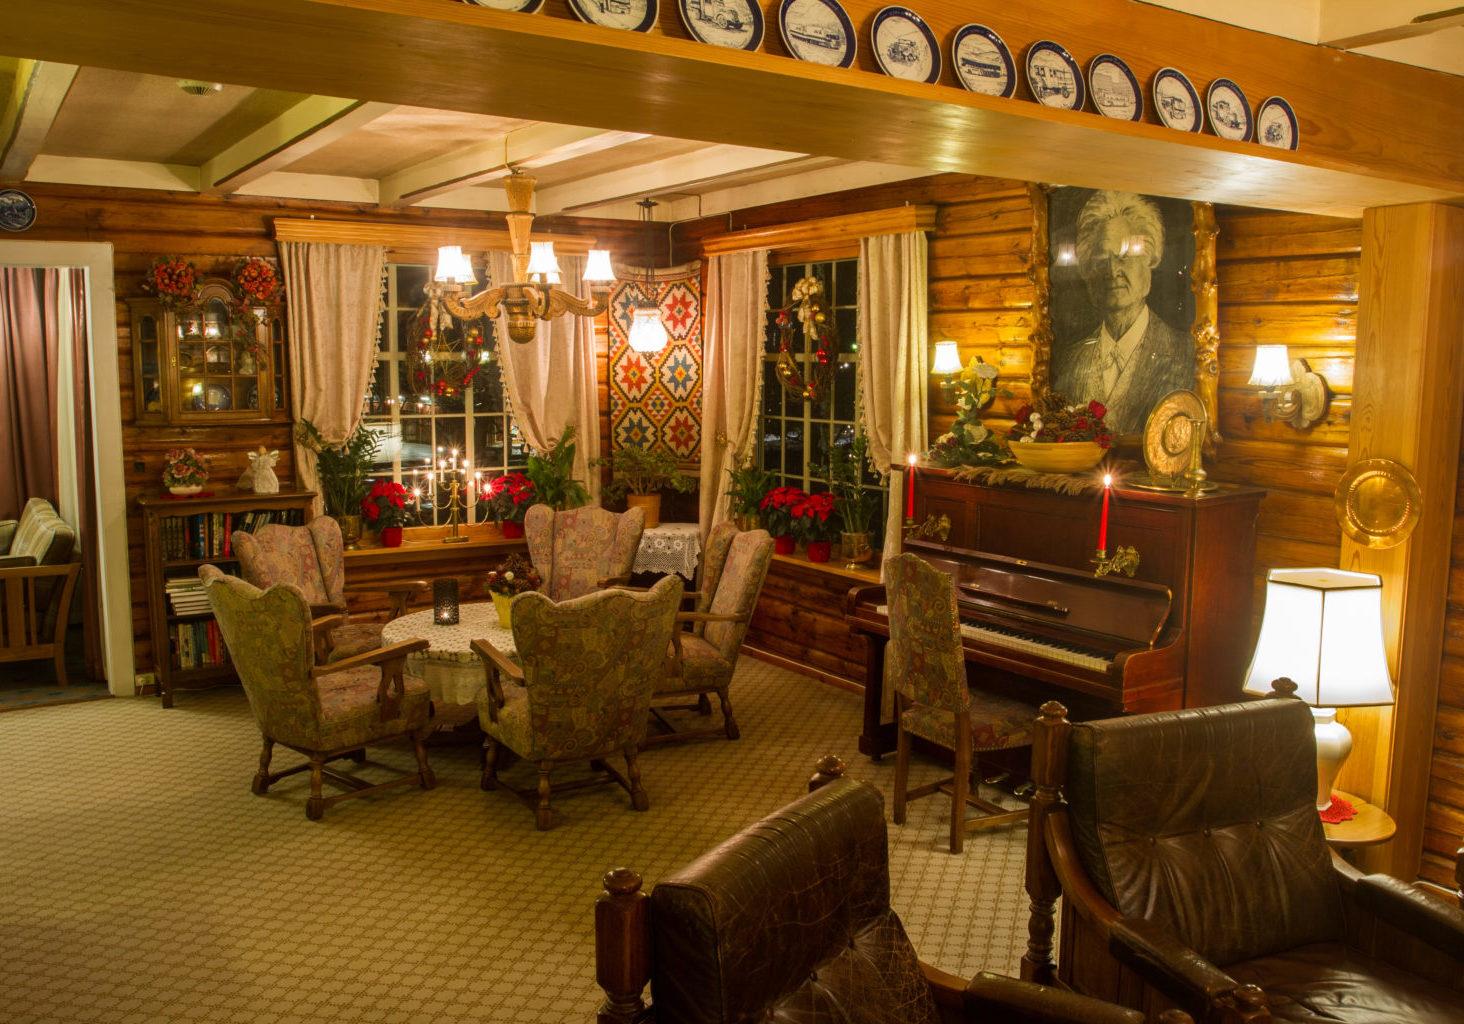 Lun atmosfære: Julestemning i hotellets gamle stuer med tømmervegger